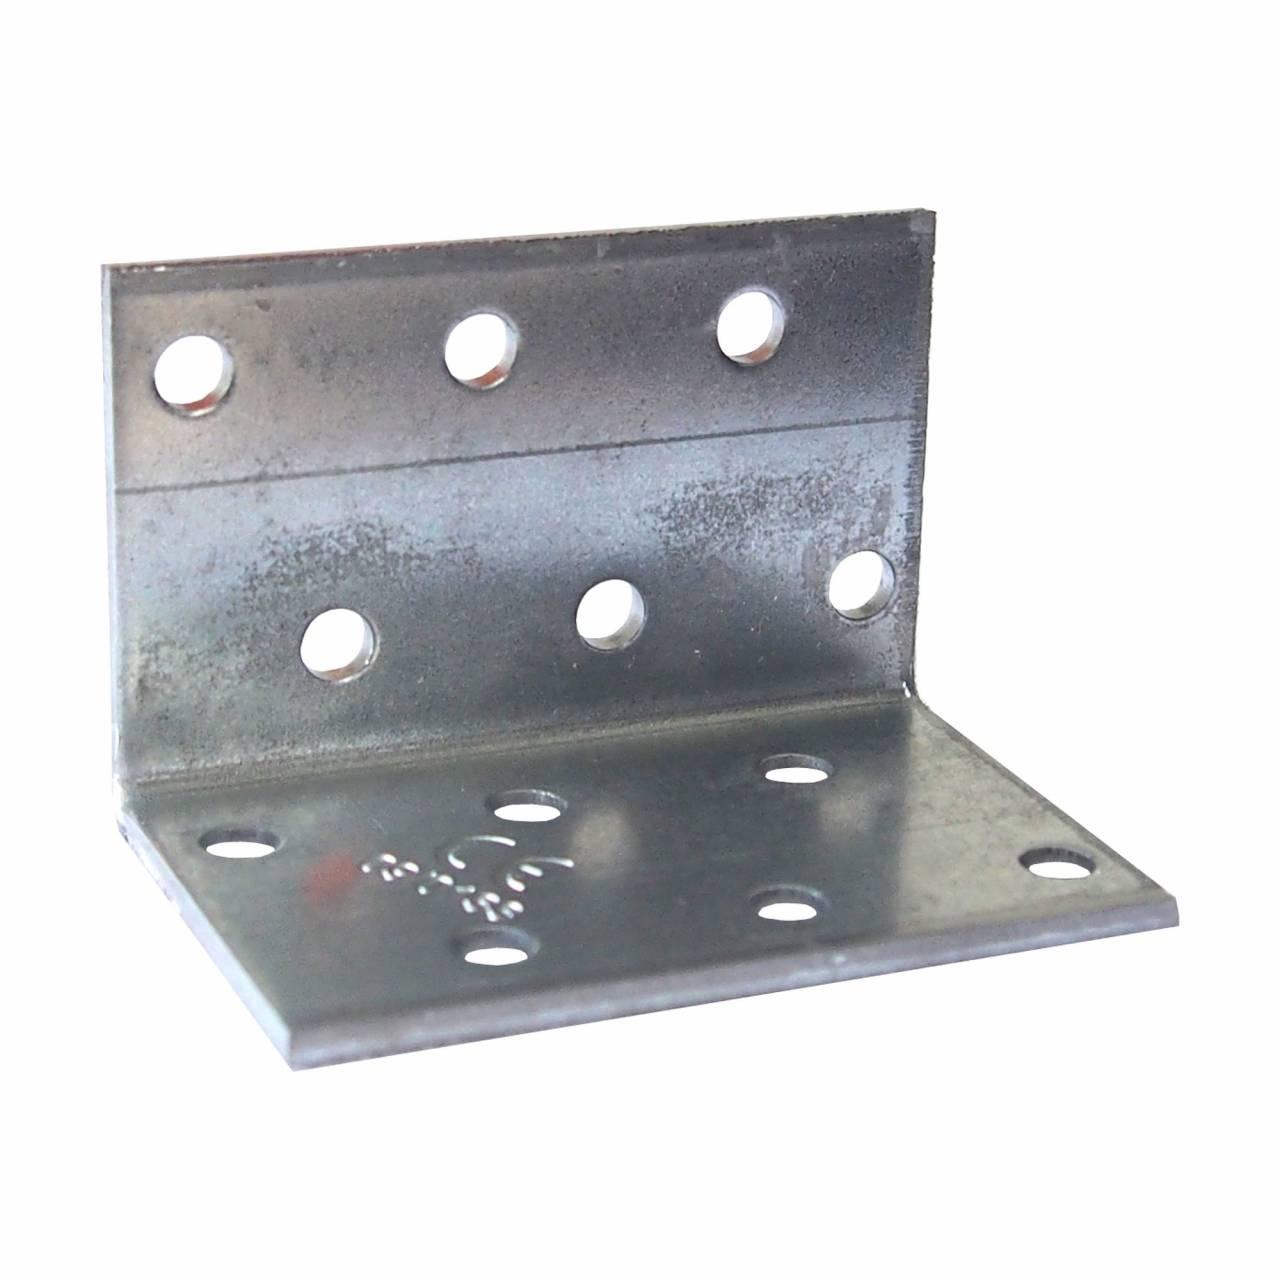 Lochplattenwinkel vz 40 x 40 x 60 x 2,5 mm